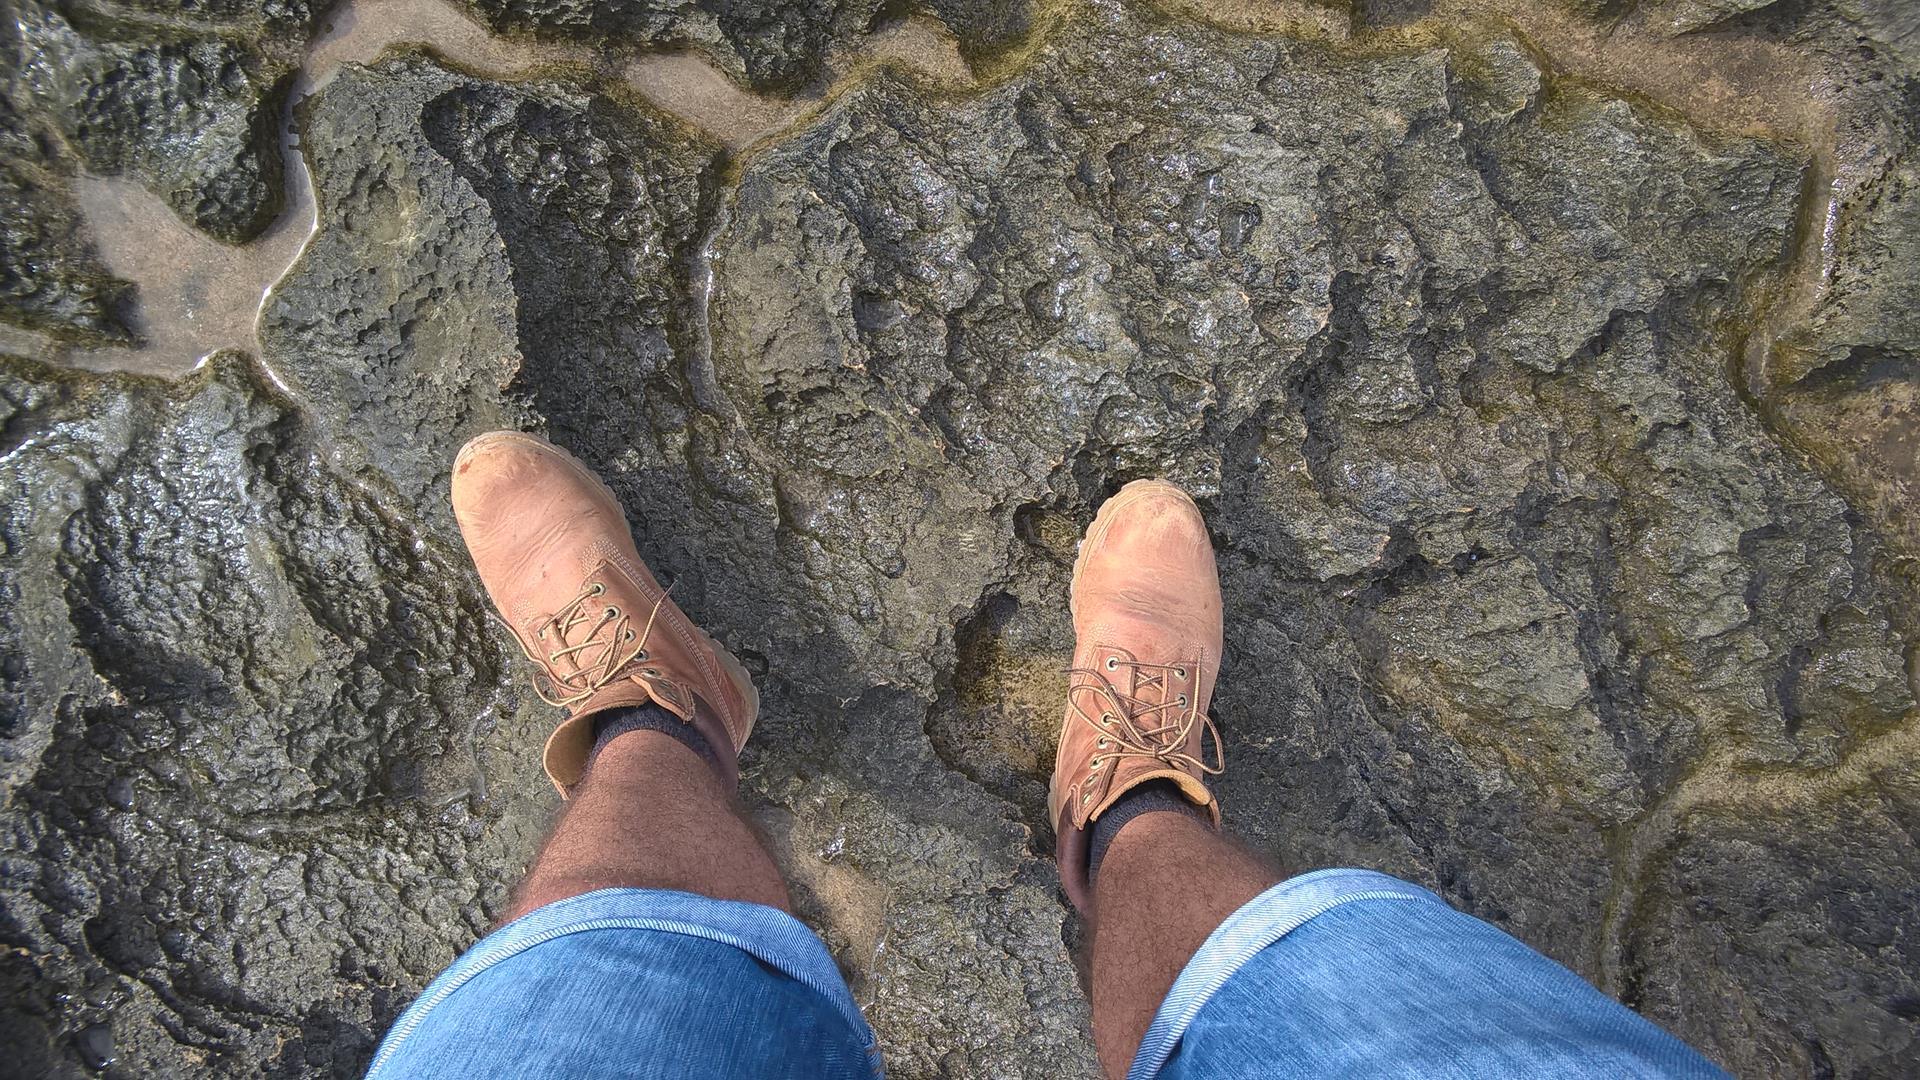 Ich war froh auf dem scharfkantigen Untergrund meine Stiefel dabei zu haben